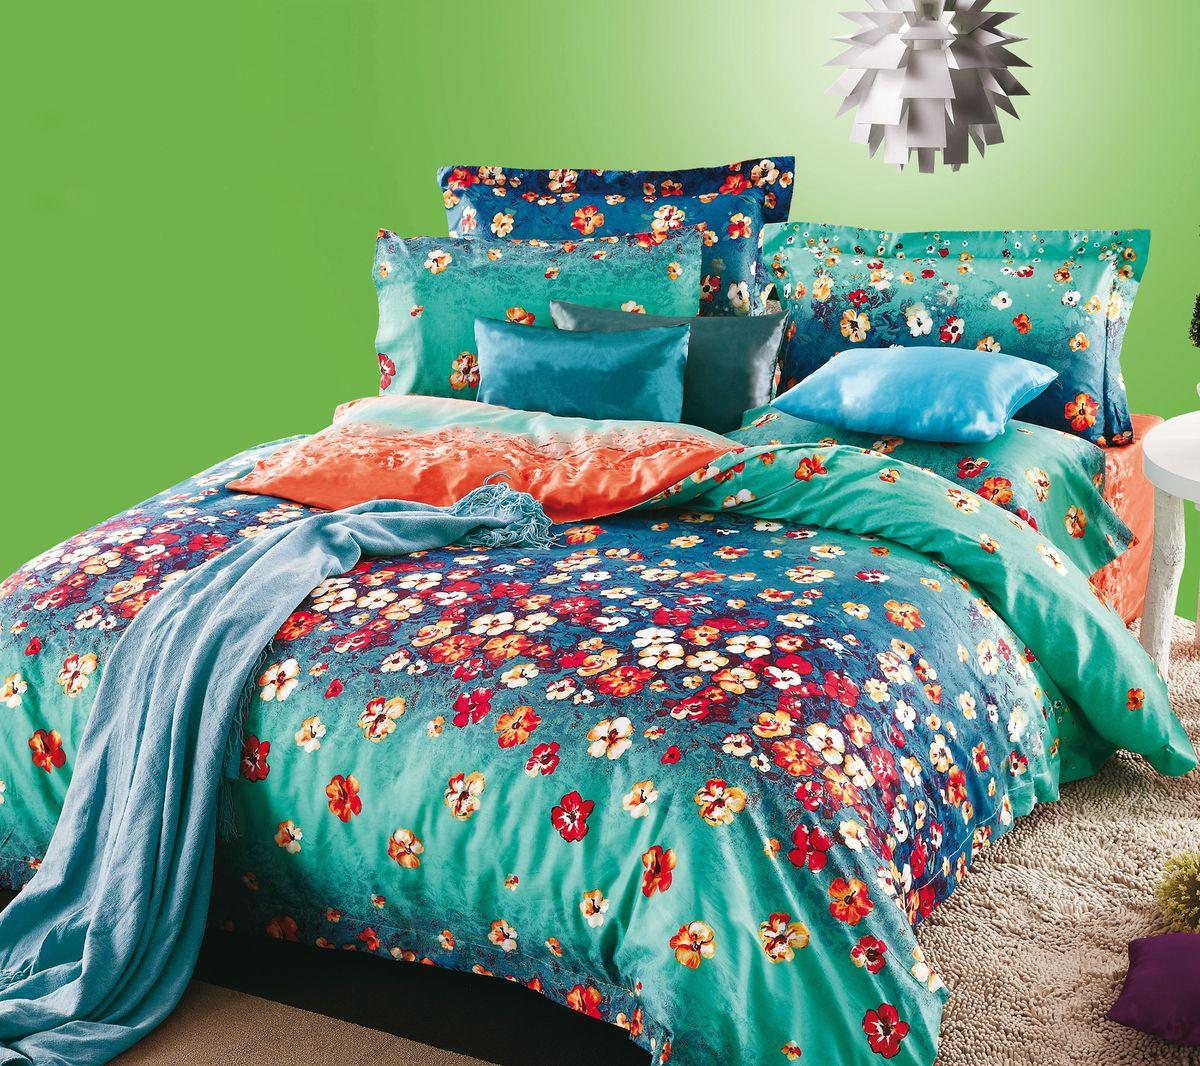 Комплект белья Коллекция Цветочная поляна 2, 2-спальный, наволочки 50x70. СЛ2/50/ОЗ/цв2СЛ2/50/ОЗ/цв2